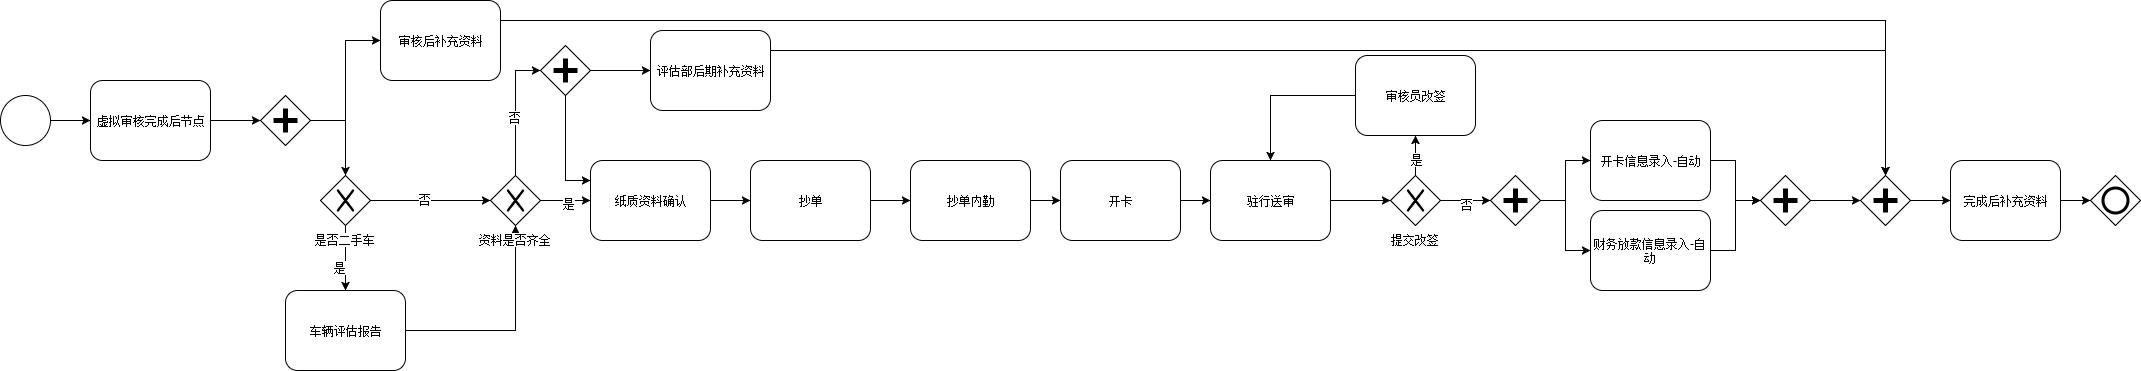 银行送审子流程.xml